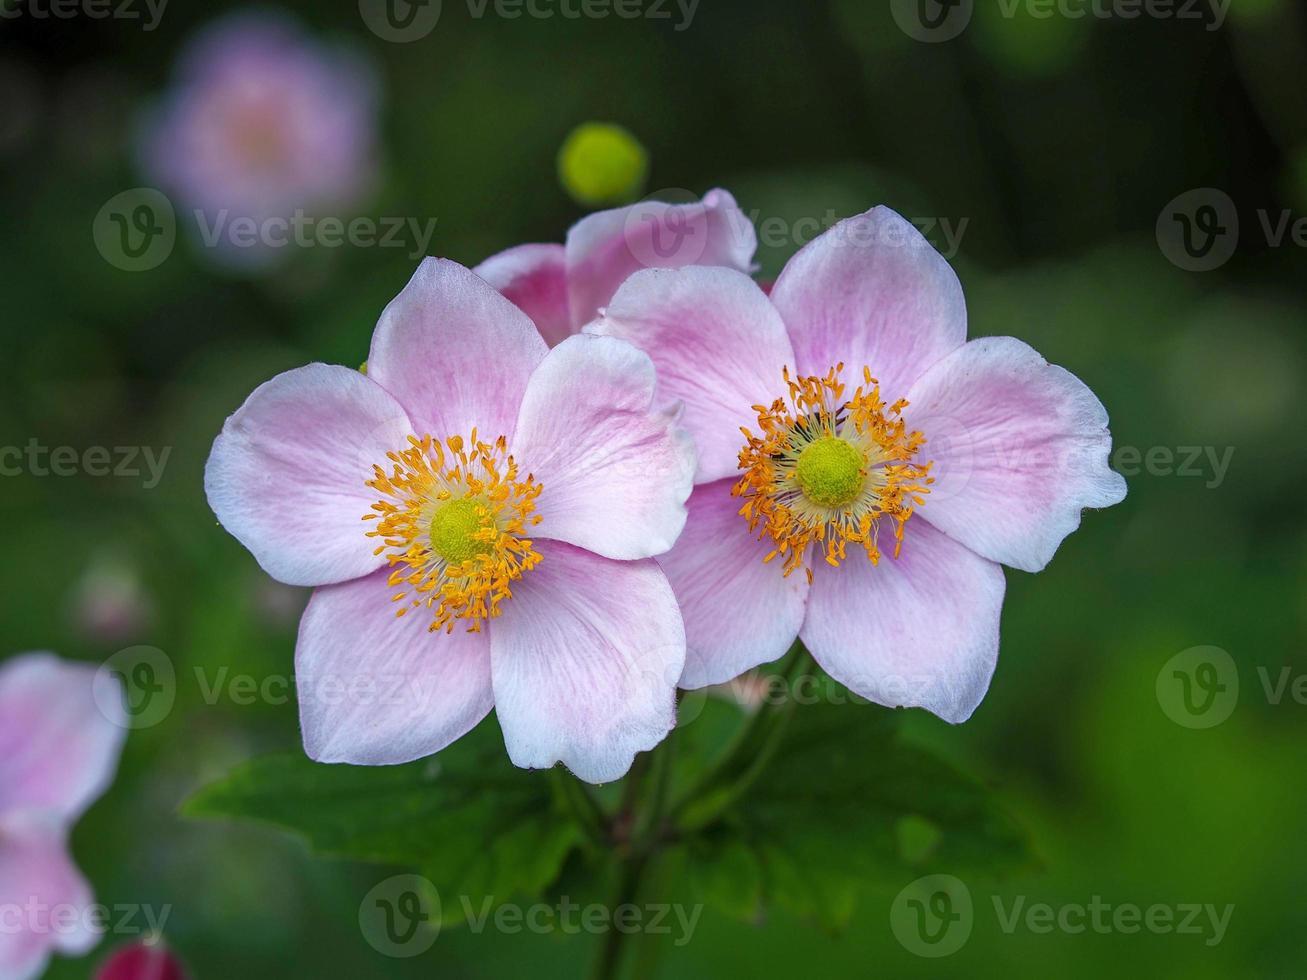 Deux petites fleurs d'anémone rose dans un jardin photo